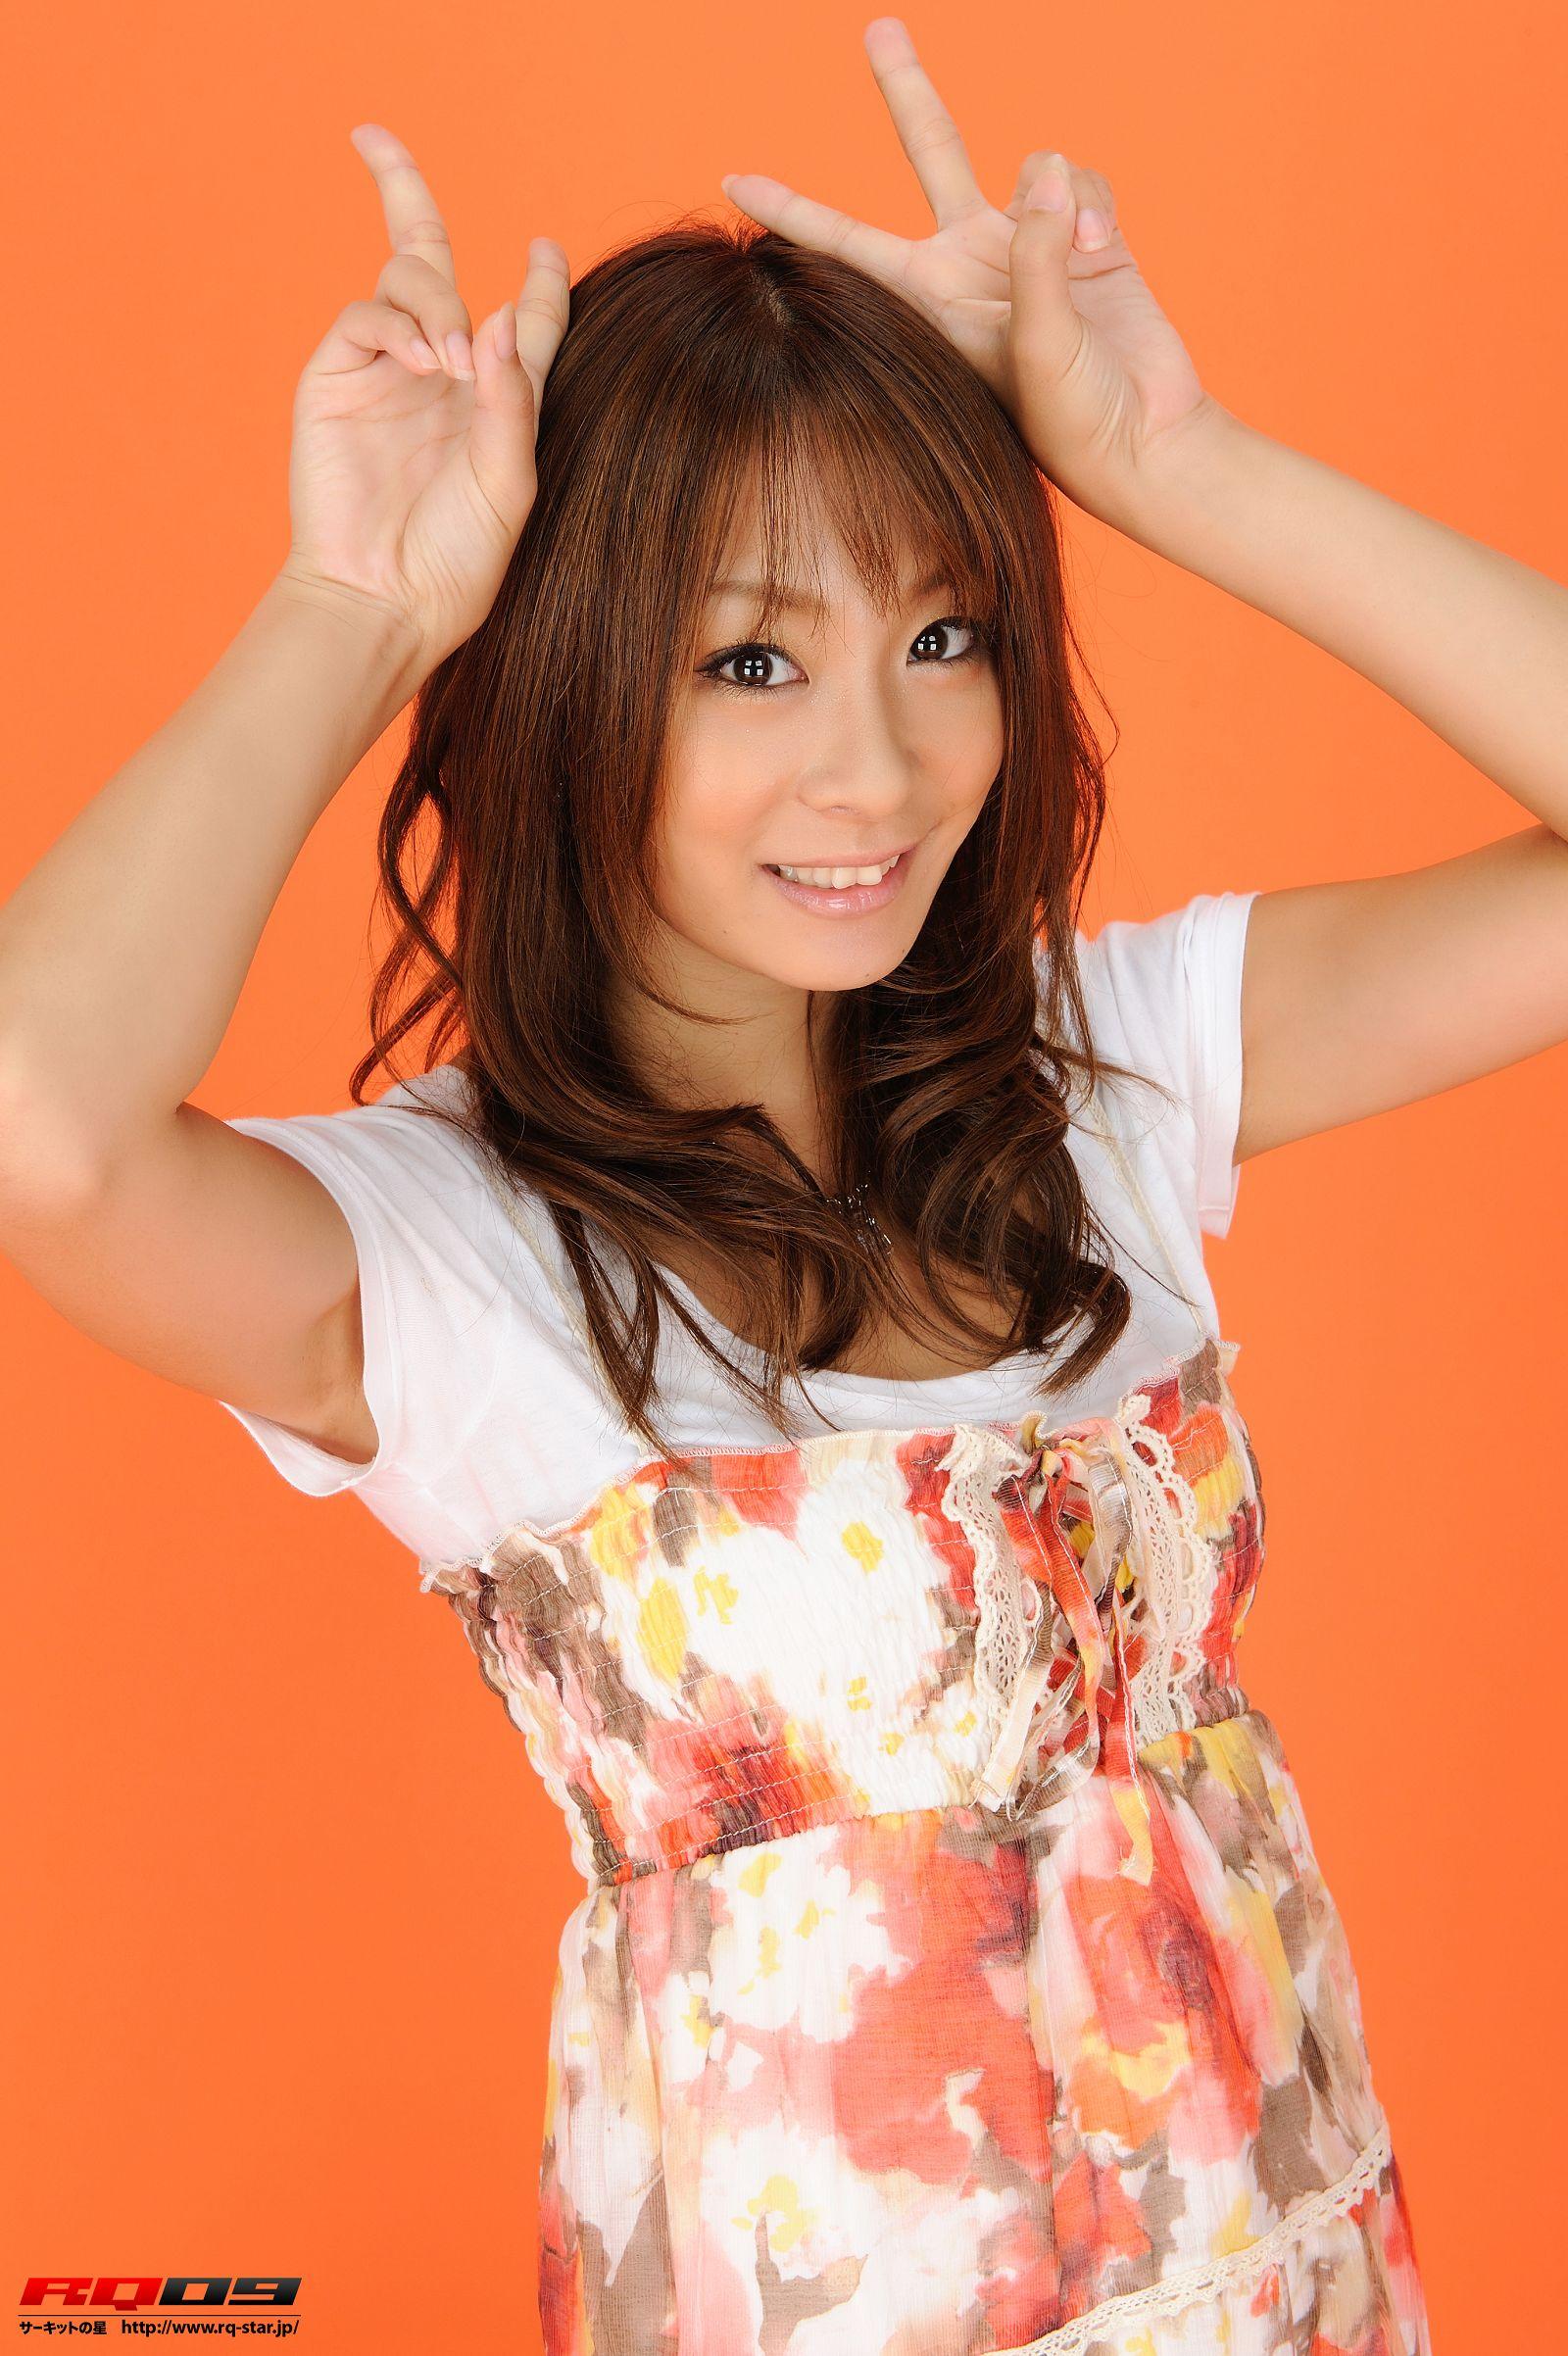 [RQ-STAR美女] NO.0199 Yuuki Aikawa 相川友希 Private Dress2